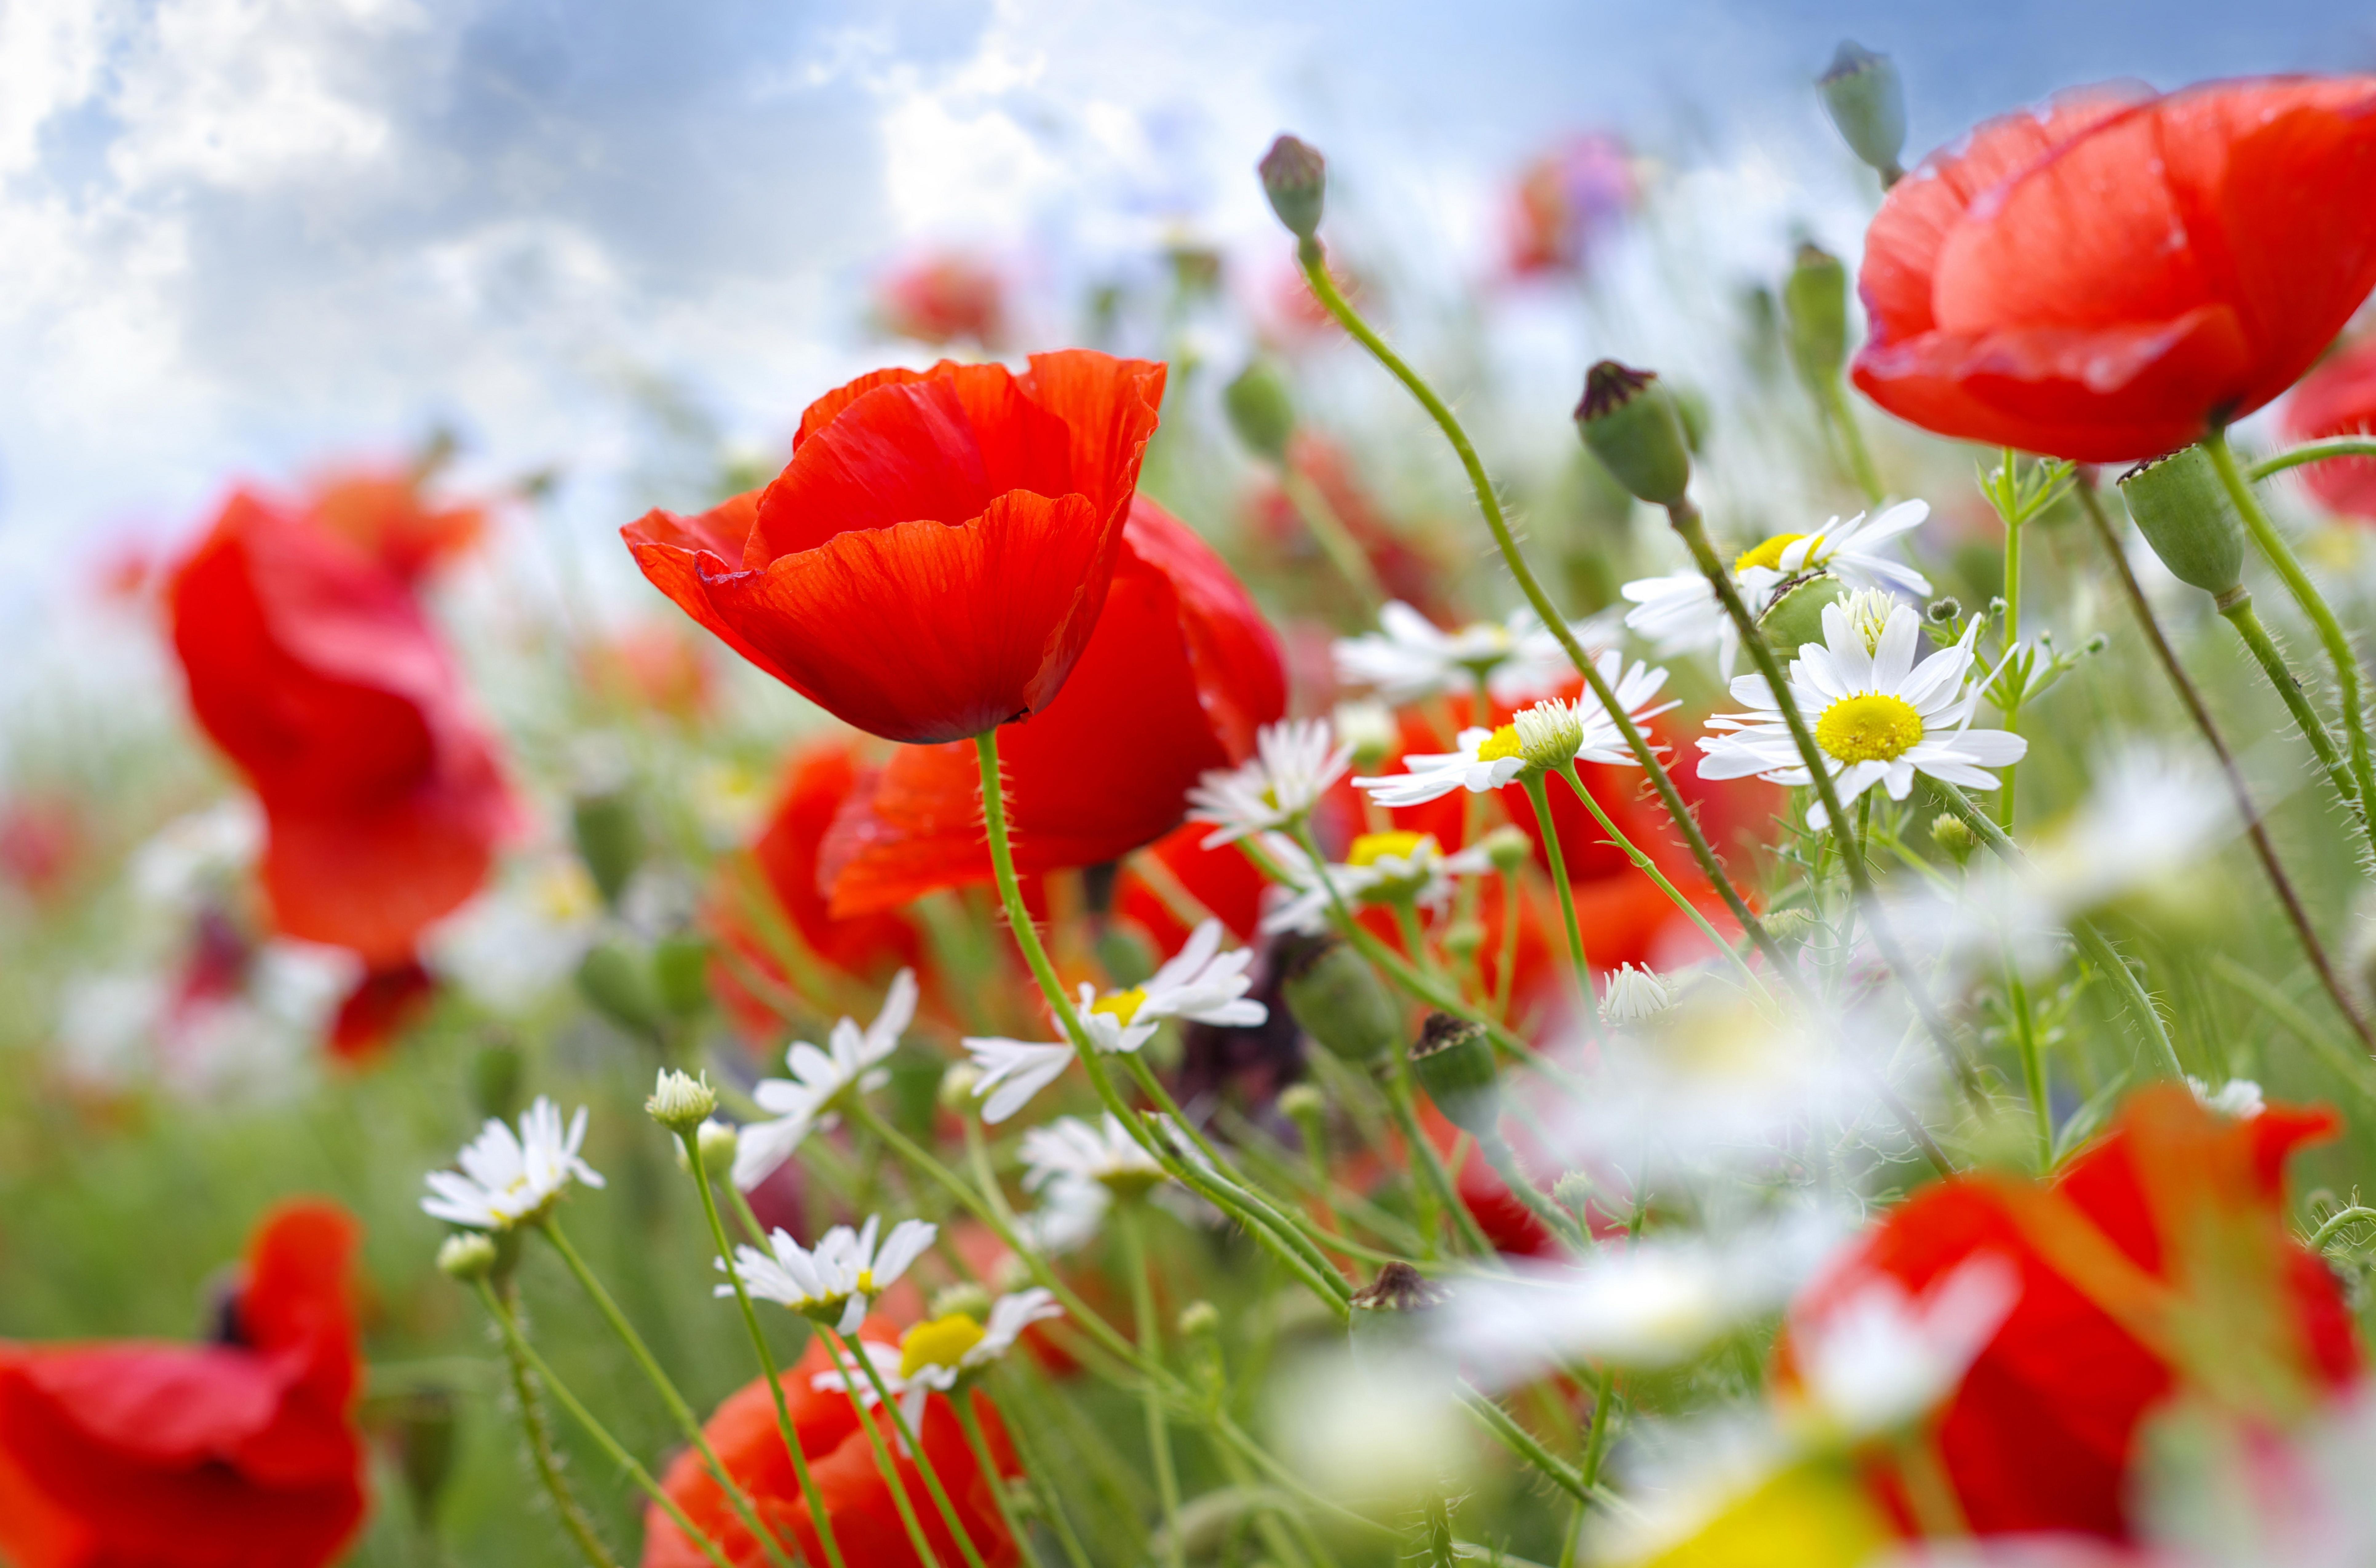 Обои цветы, природа, маки картинки на рабочий стол, раздел цветы ...   5099x7726